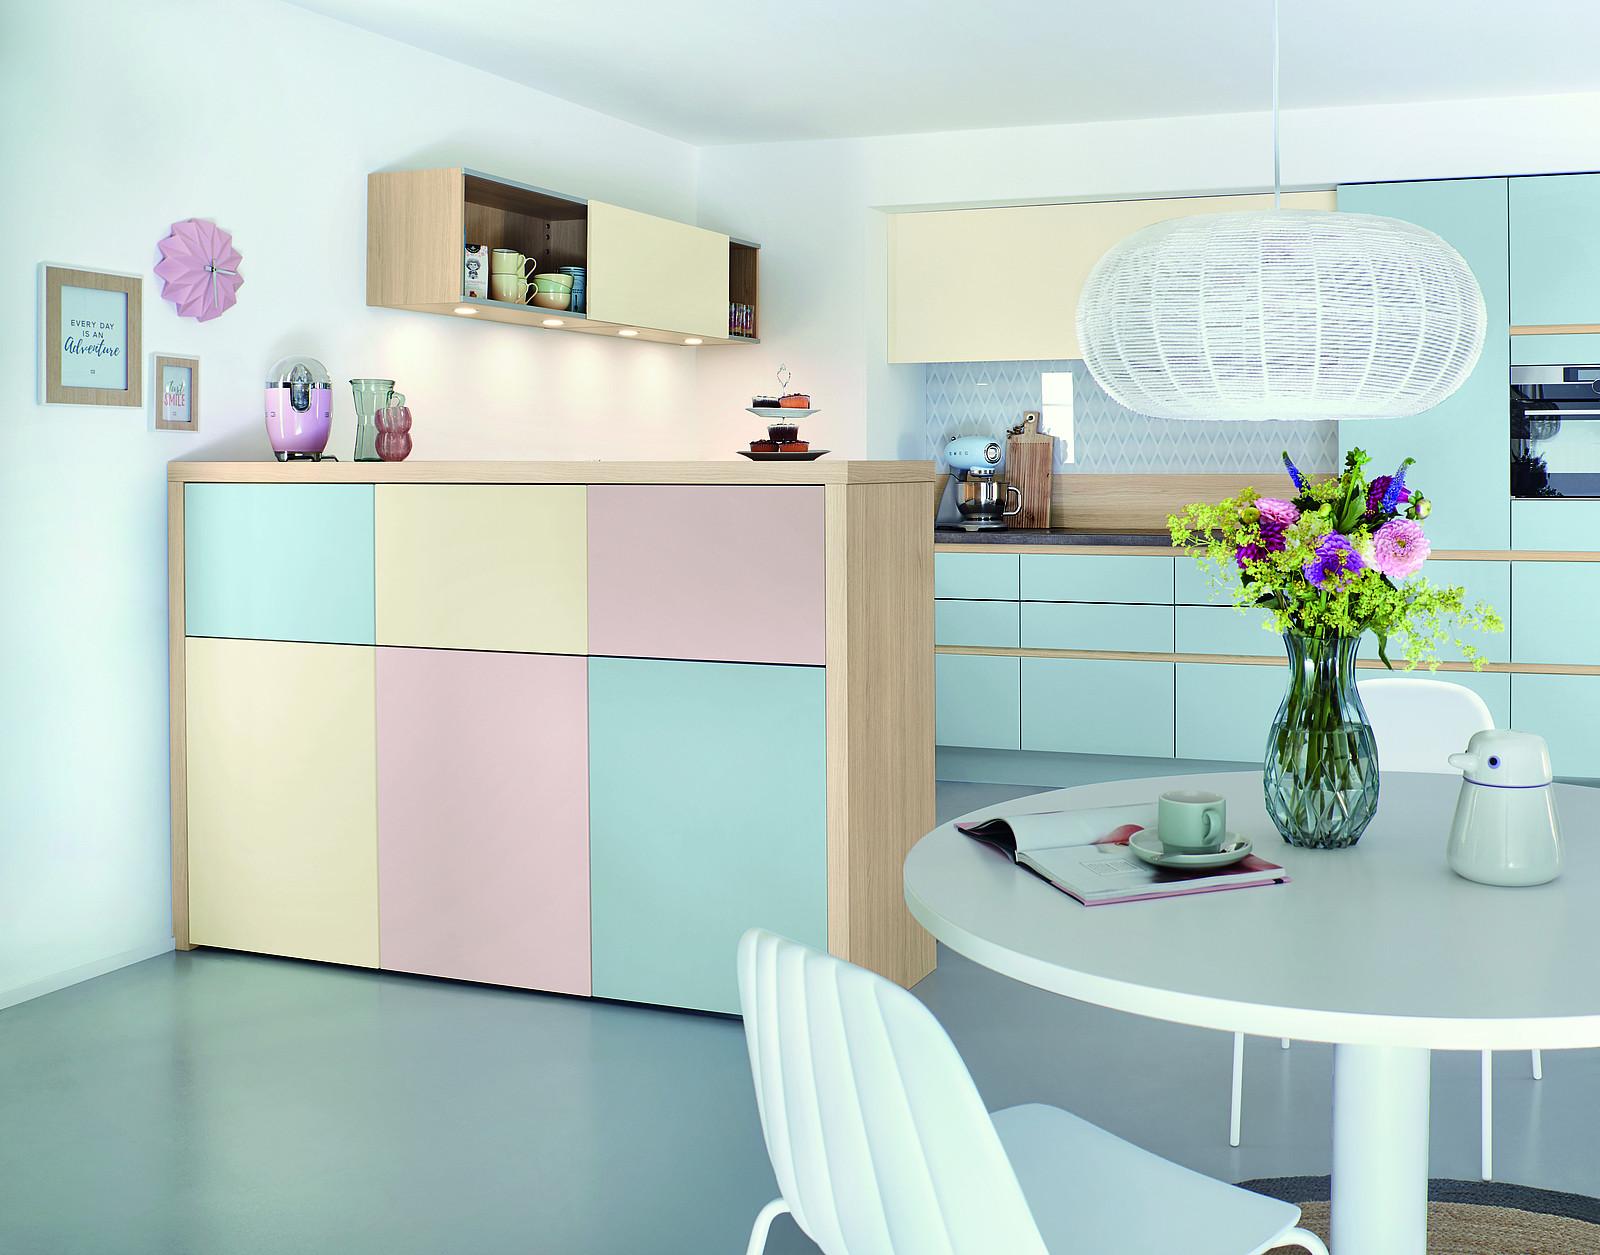 Full Size of Kchenfarben Welche Farbe Passt Zu Wem Weisse Landhausküche Grau Weiß Gebraucht Moderne Wohnzimmer Landhausküche Wandfarbe